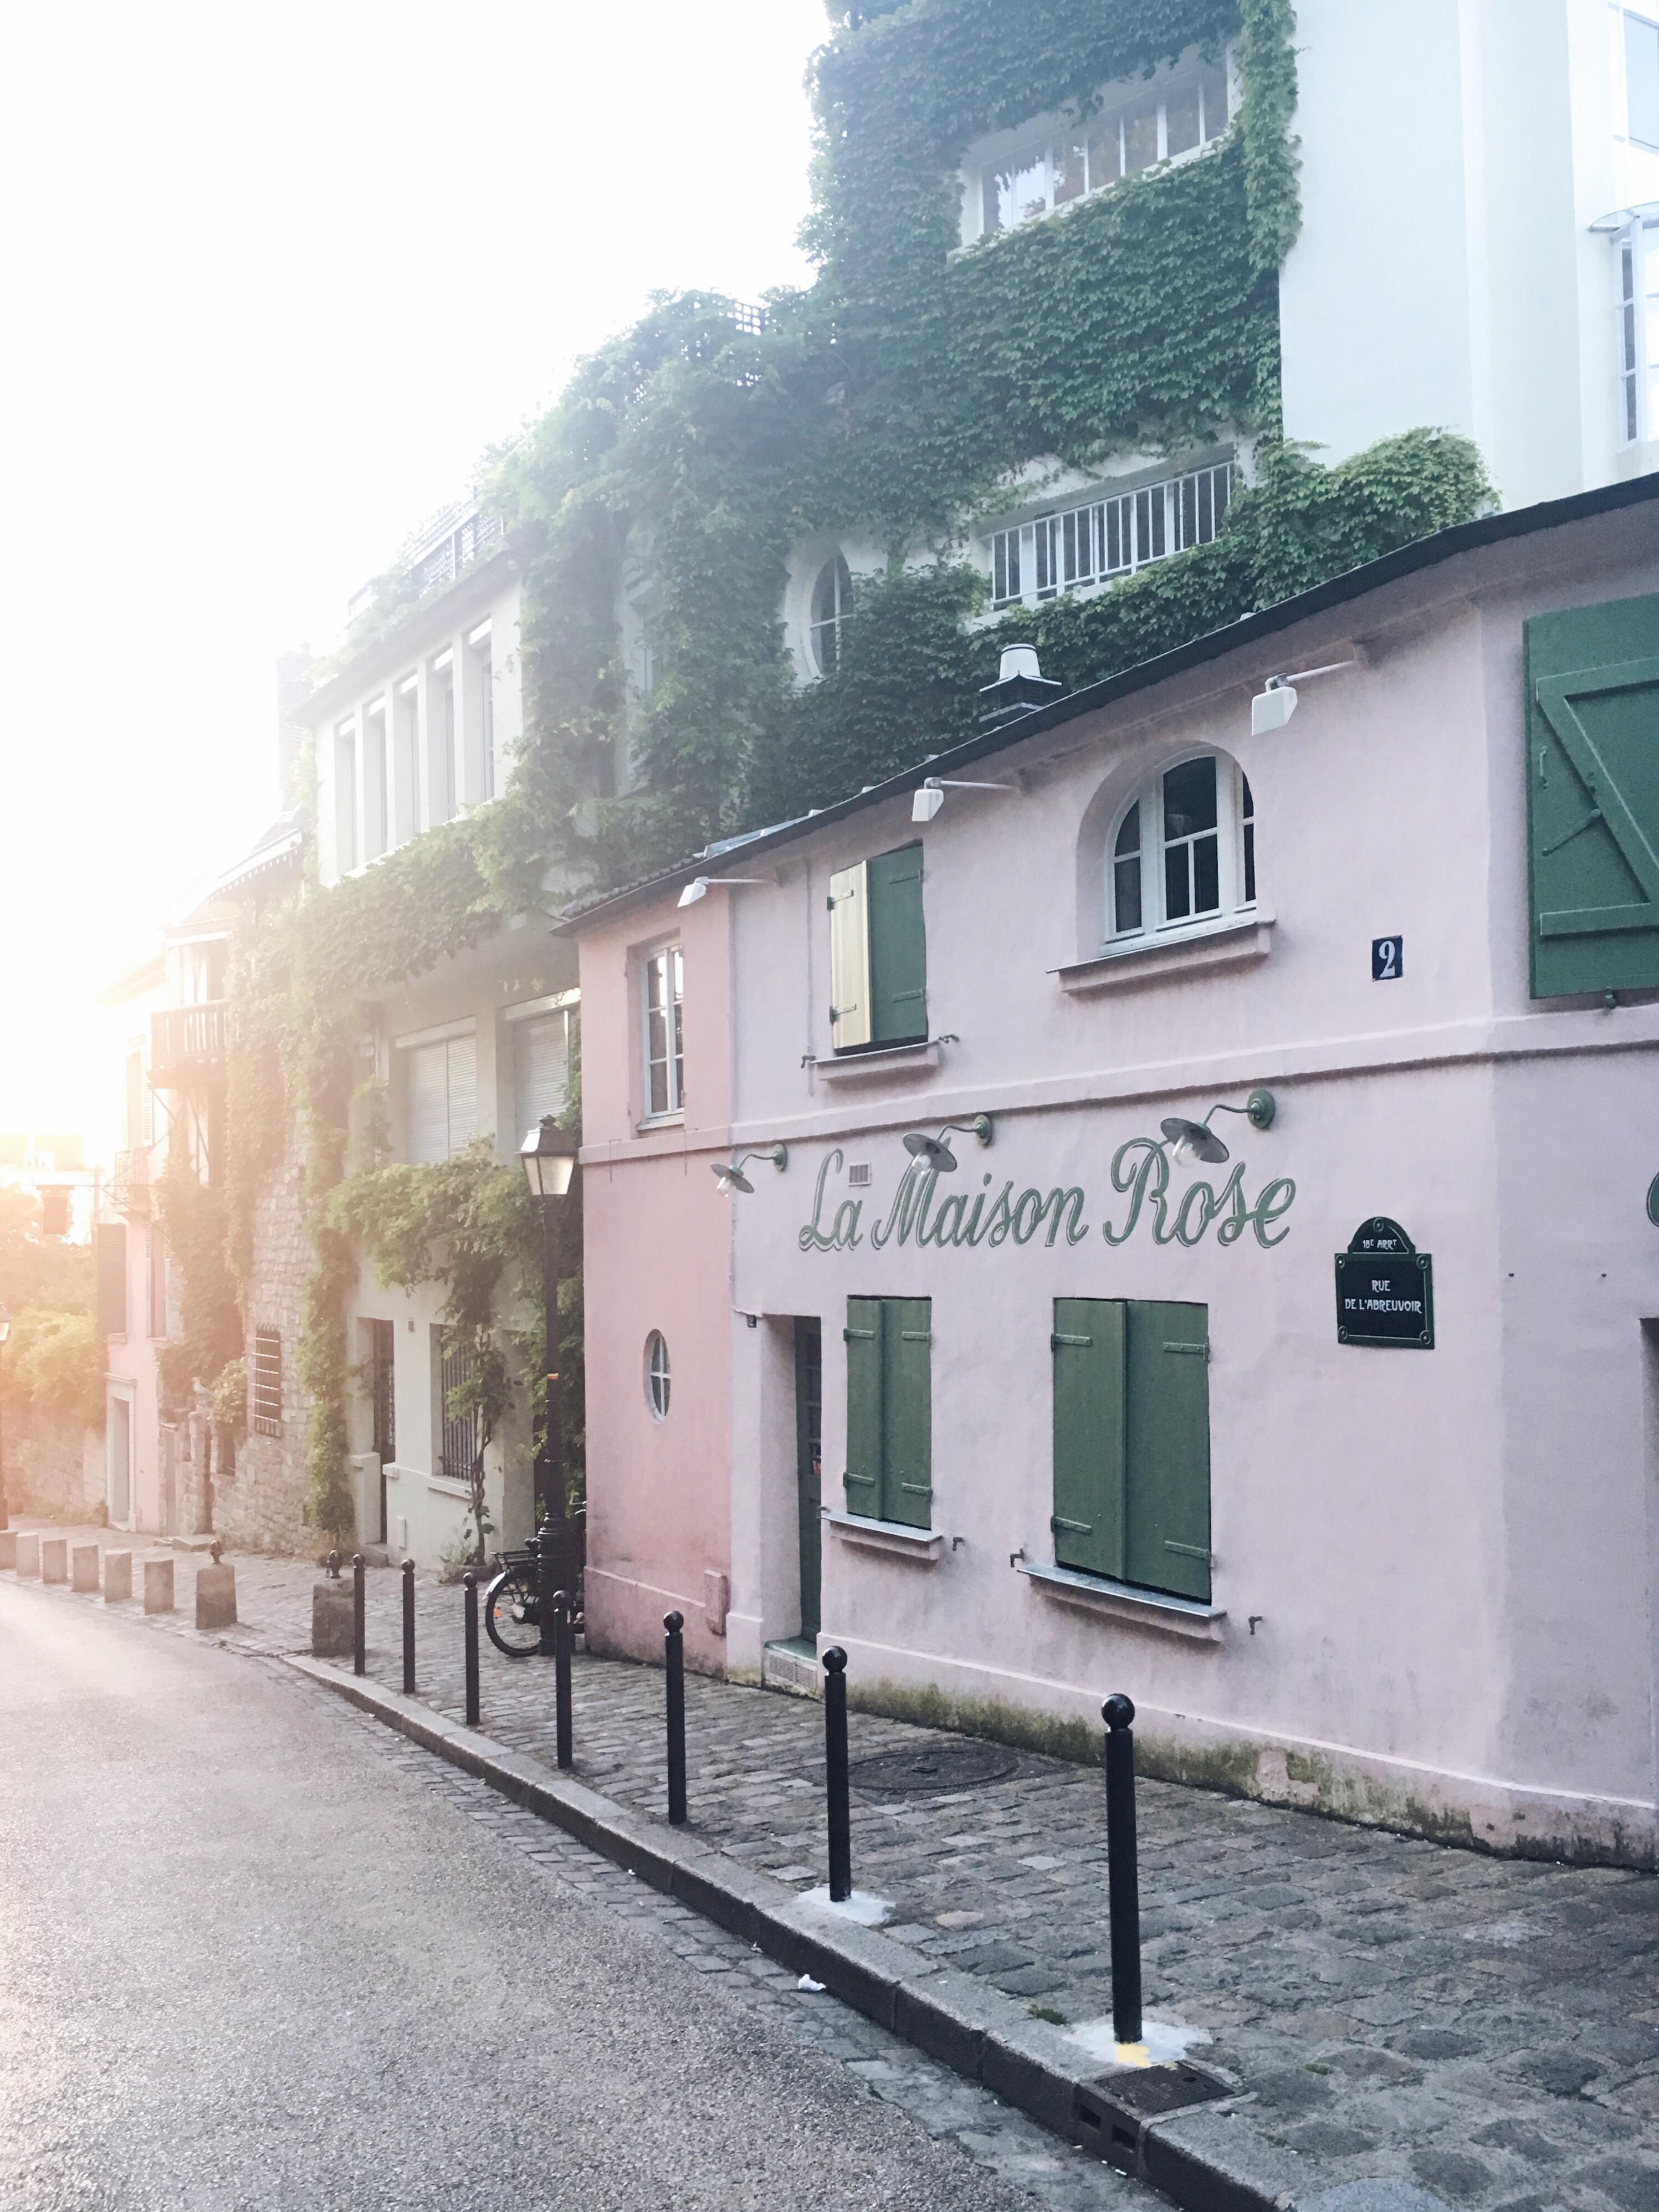 La Maison Rose Montmartre Instagram clichés